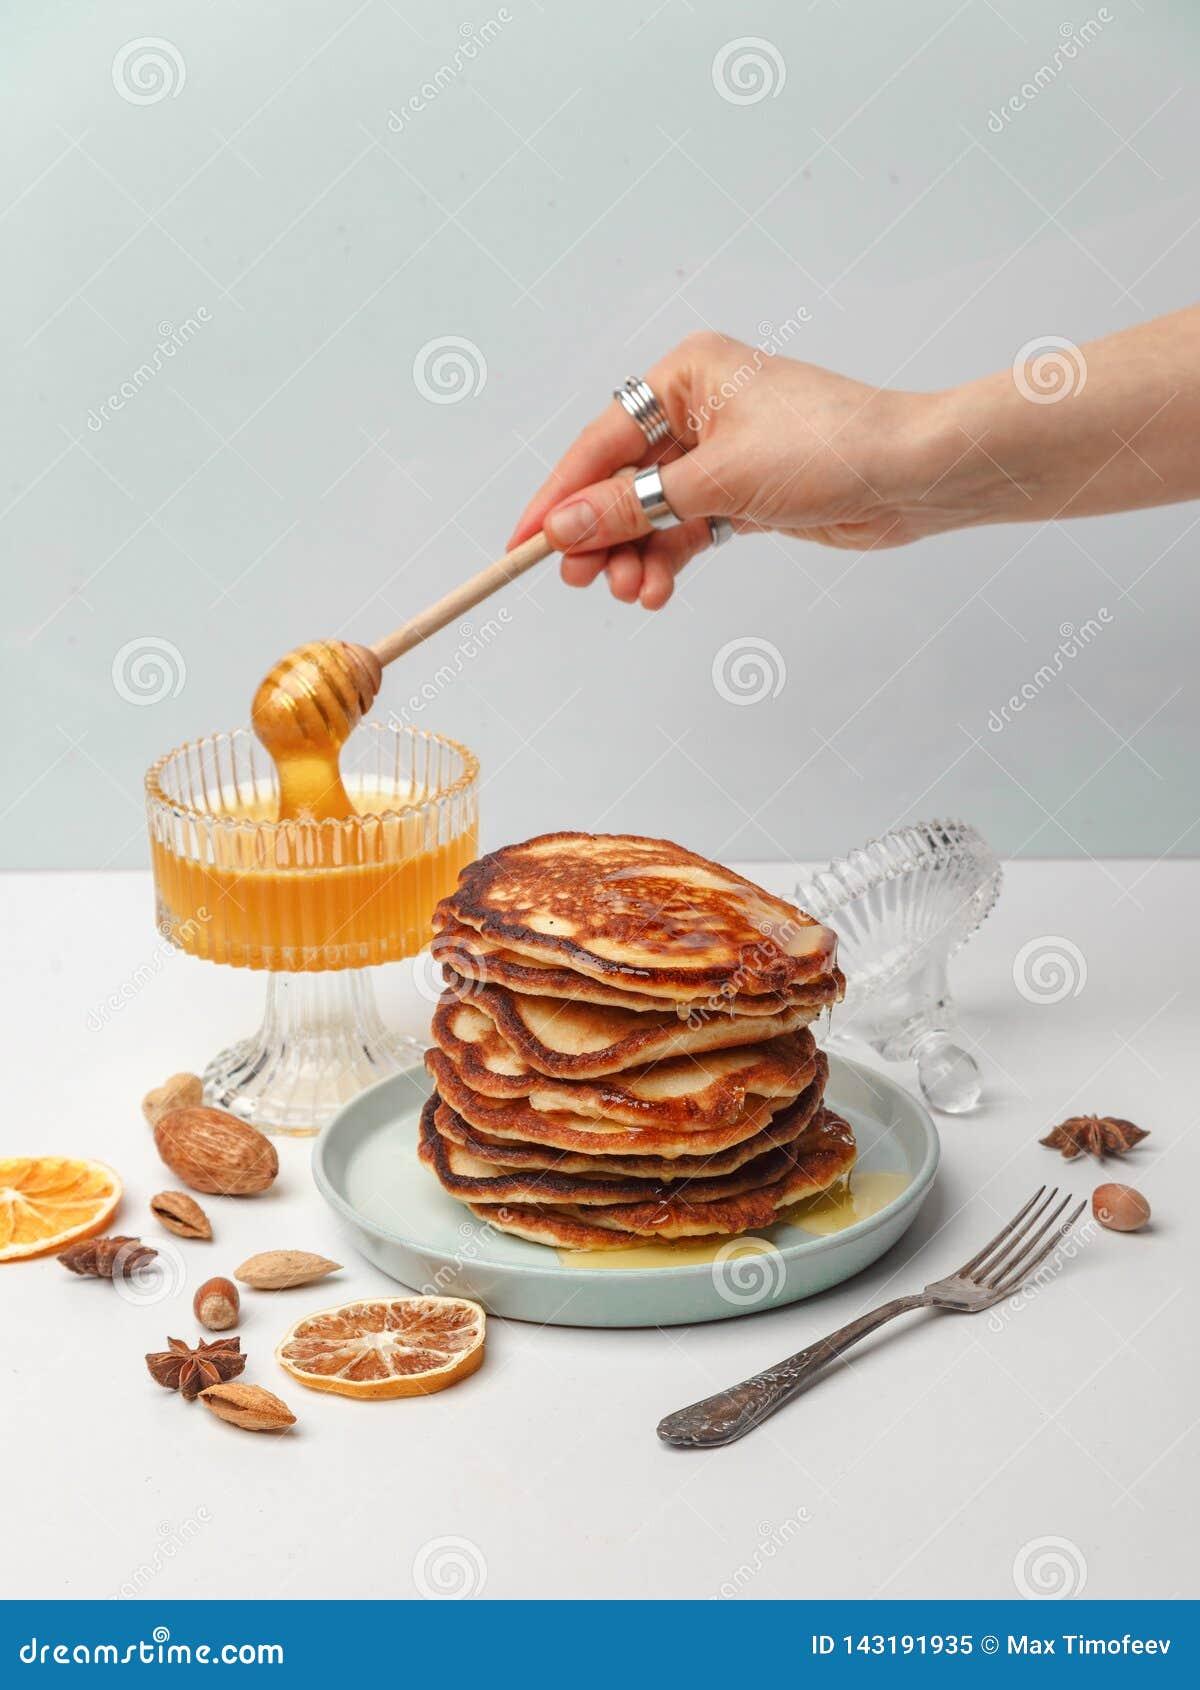 La mujer vierte la miel en las crepes El concepto de un desayuno delicioso